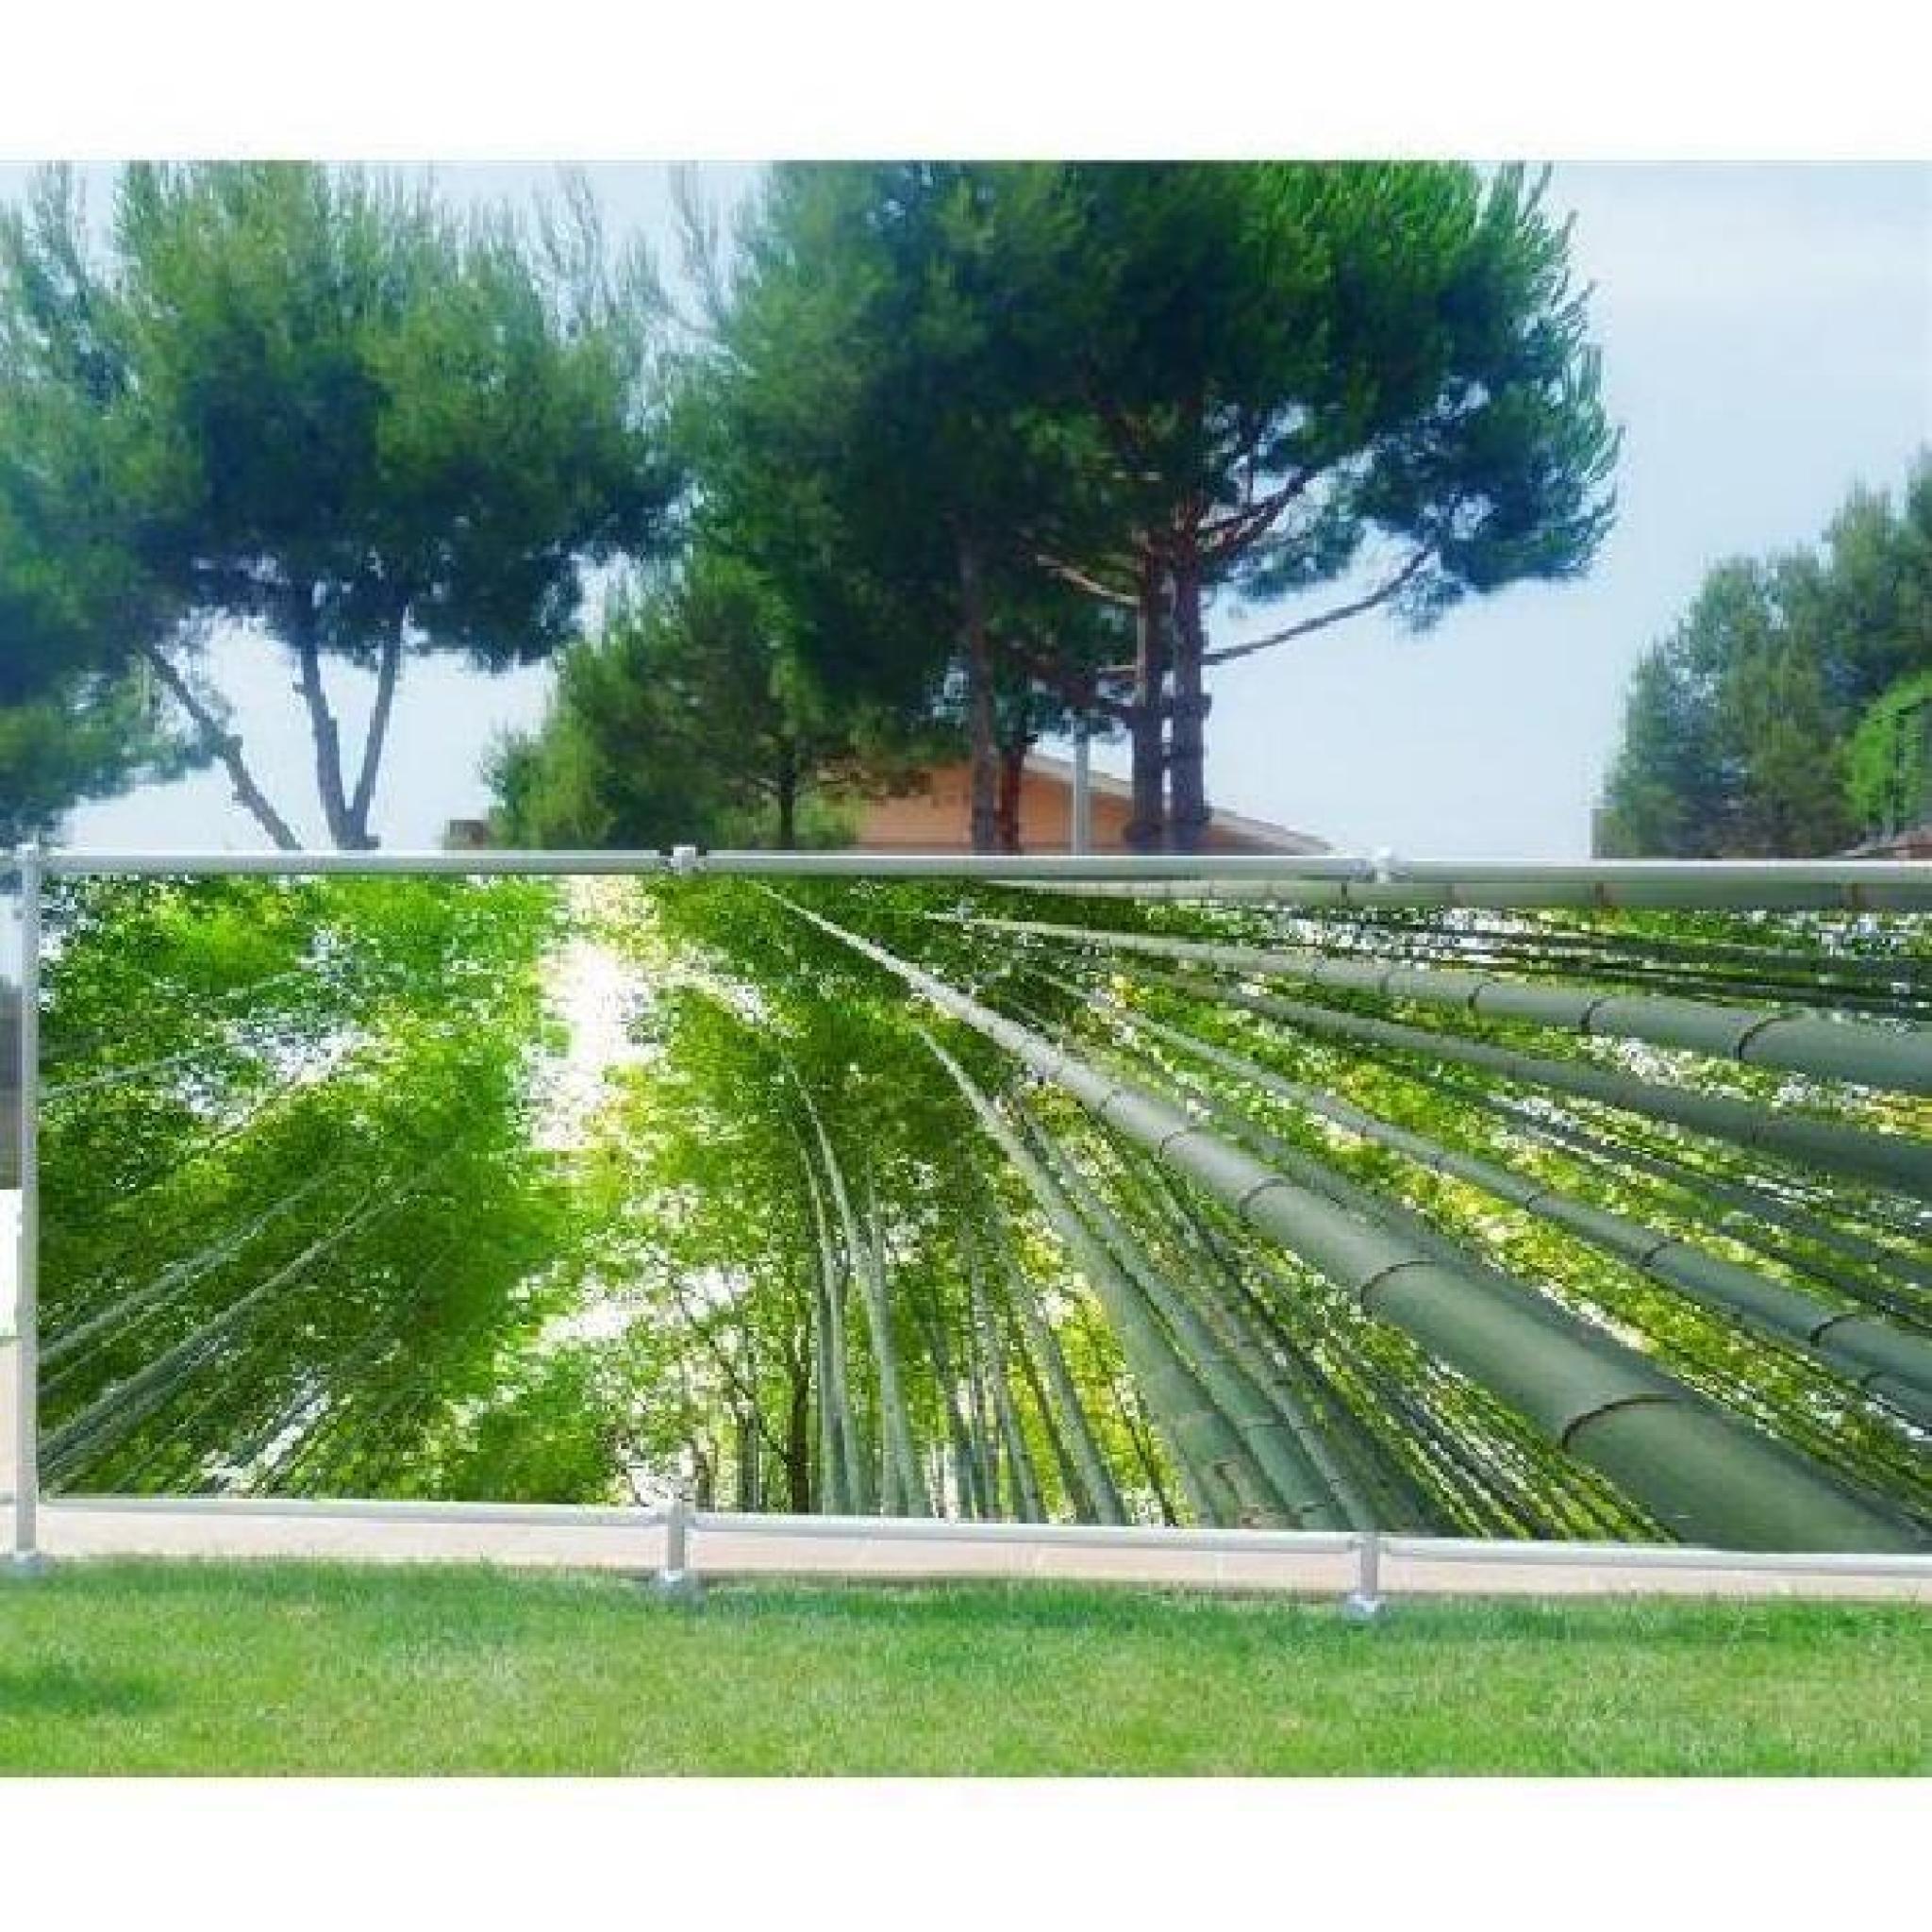 brise vue, jardin, terrasse, balcon déco bambous occultation - 80